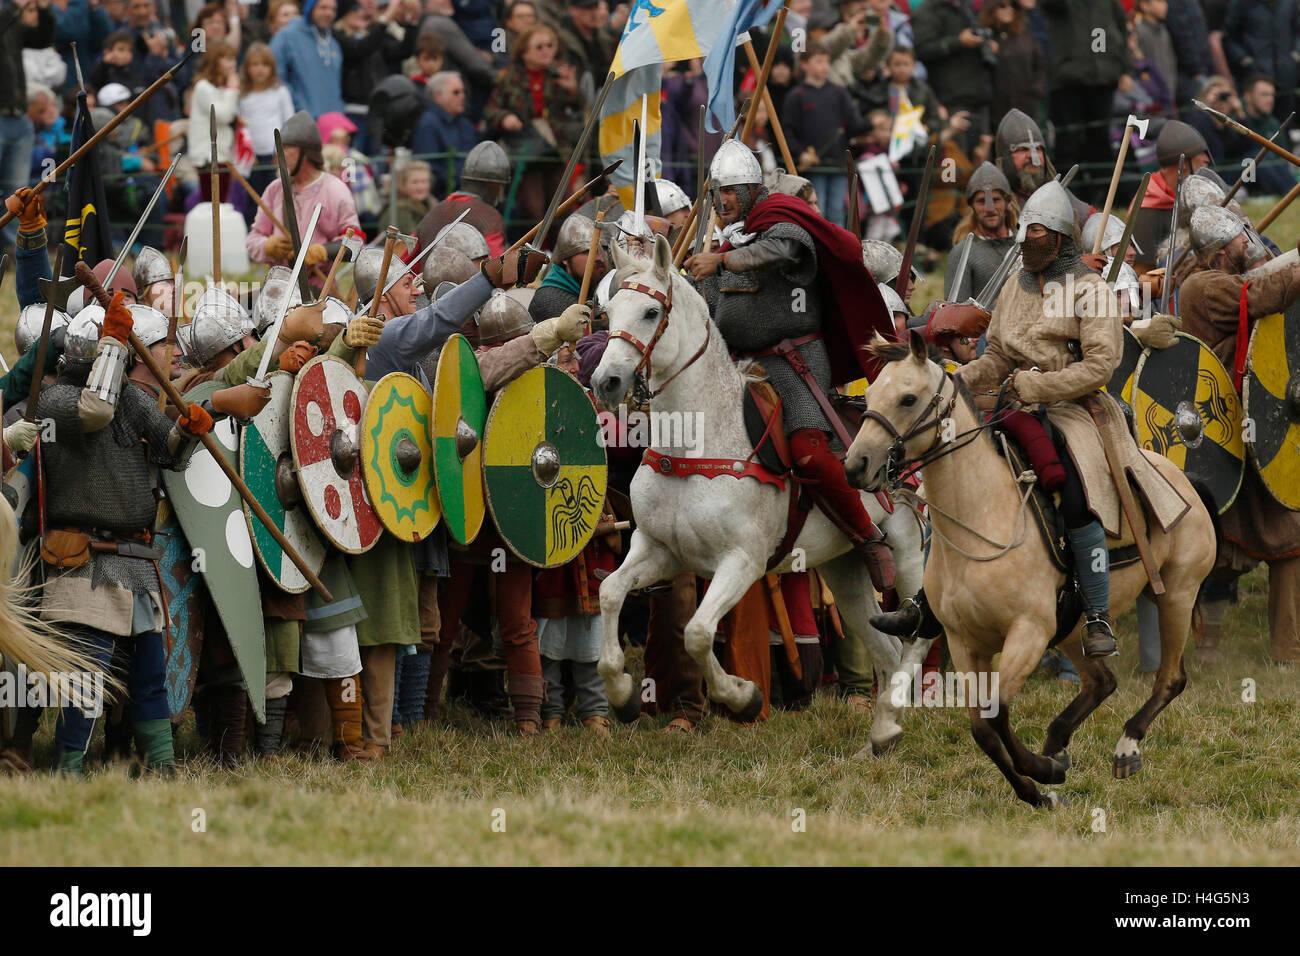 Battle, East Sussex, UK. 15 octobre, 2016. De reconstitution historique, habillés comme des Saxons et des Normands, Photo Stock